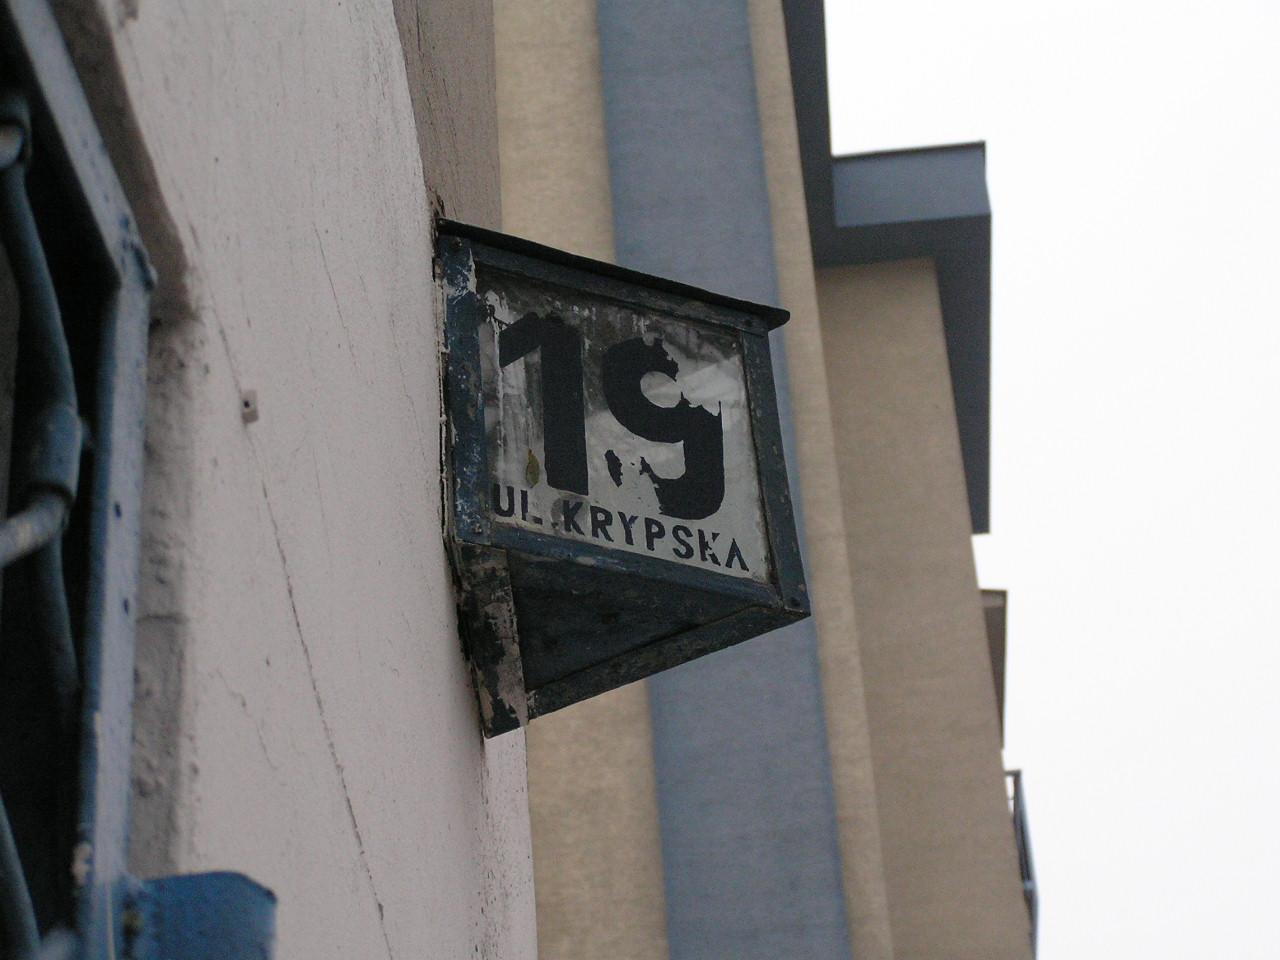 Przedwojenna latarenka adresowa przy ulicy Krypskiej 19 na Grochowie